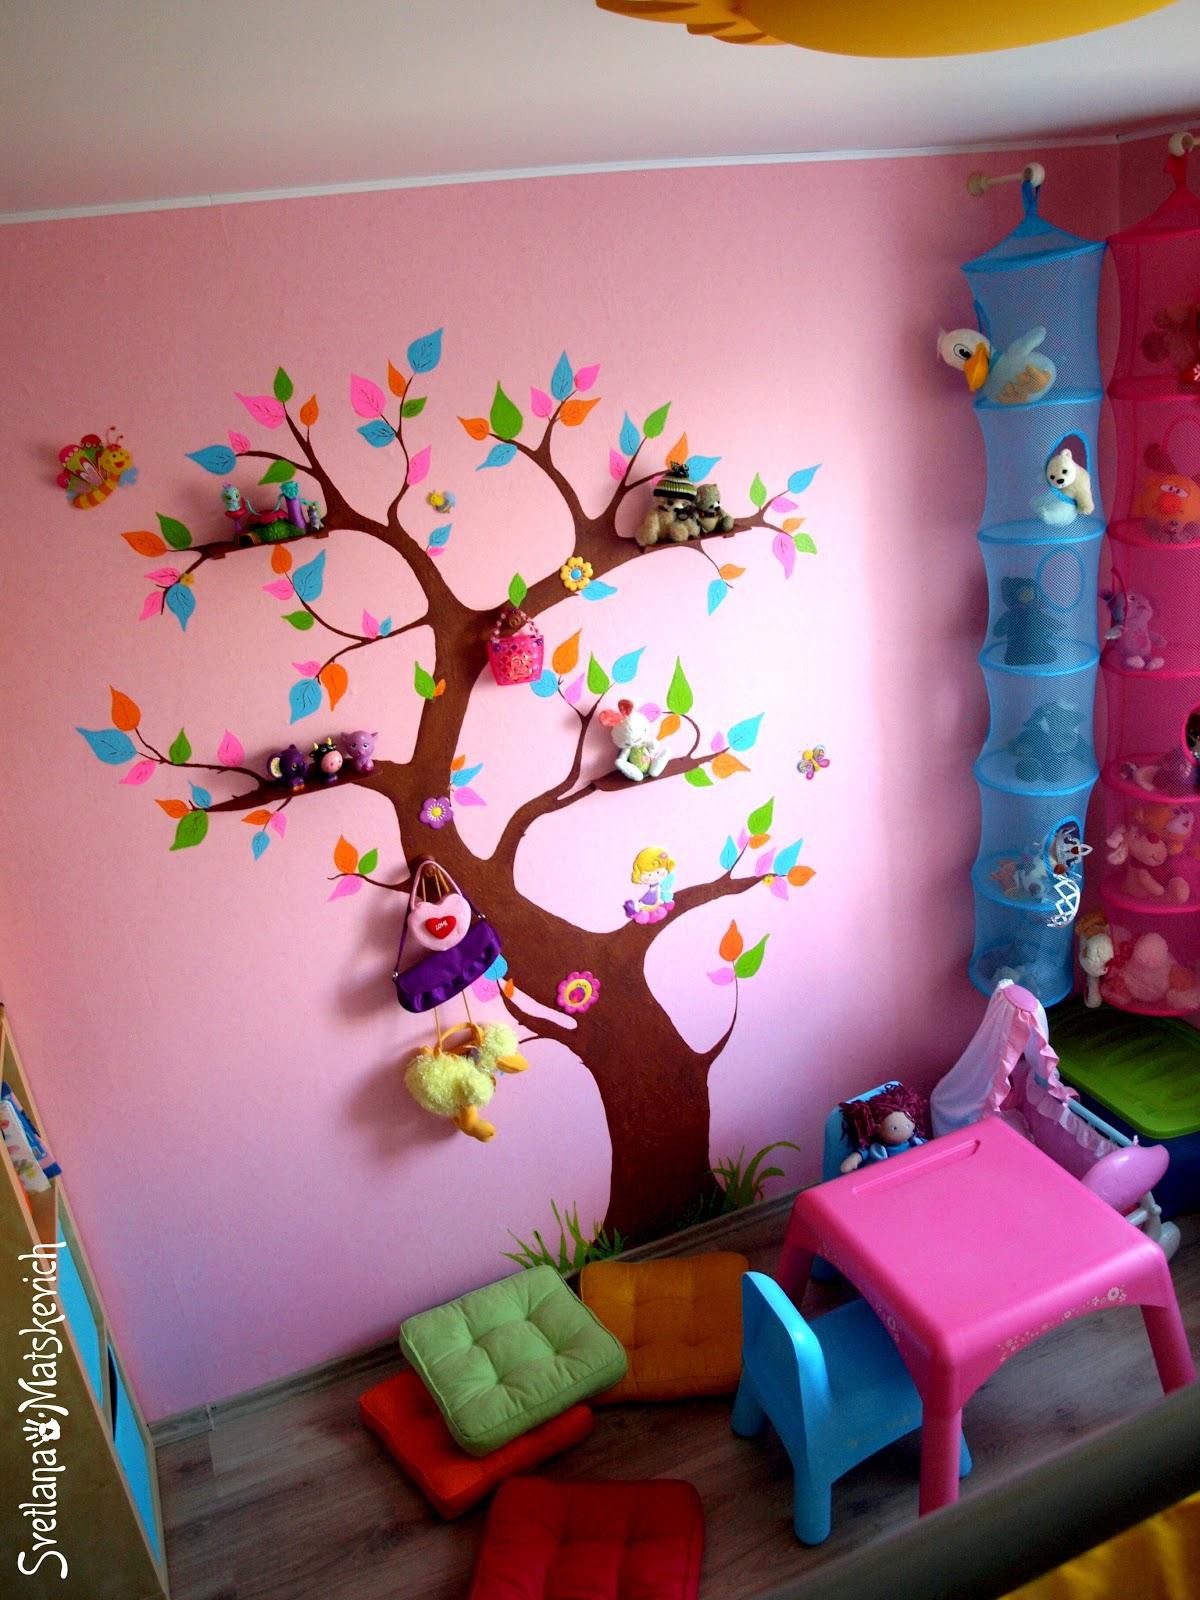 Как разукрасить детскую комнату своими руками 33